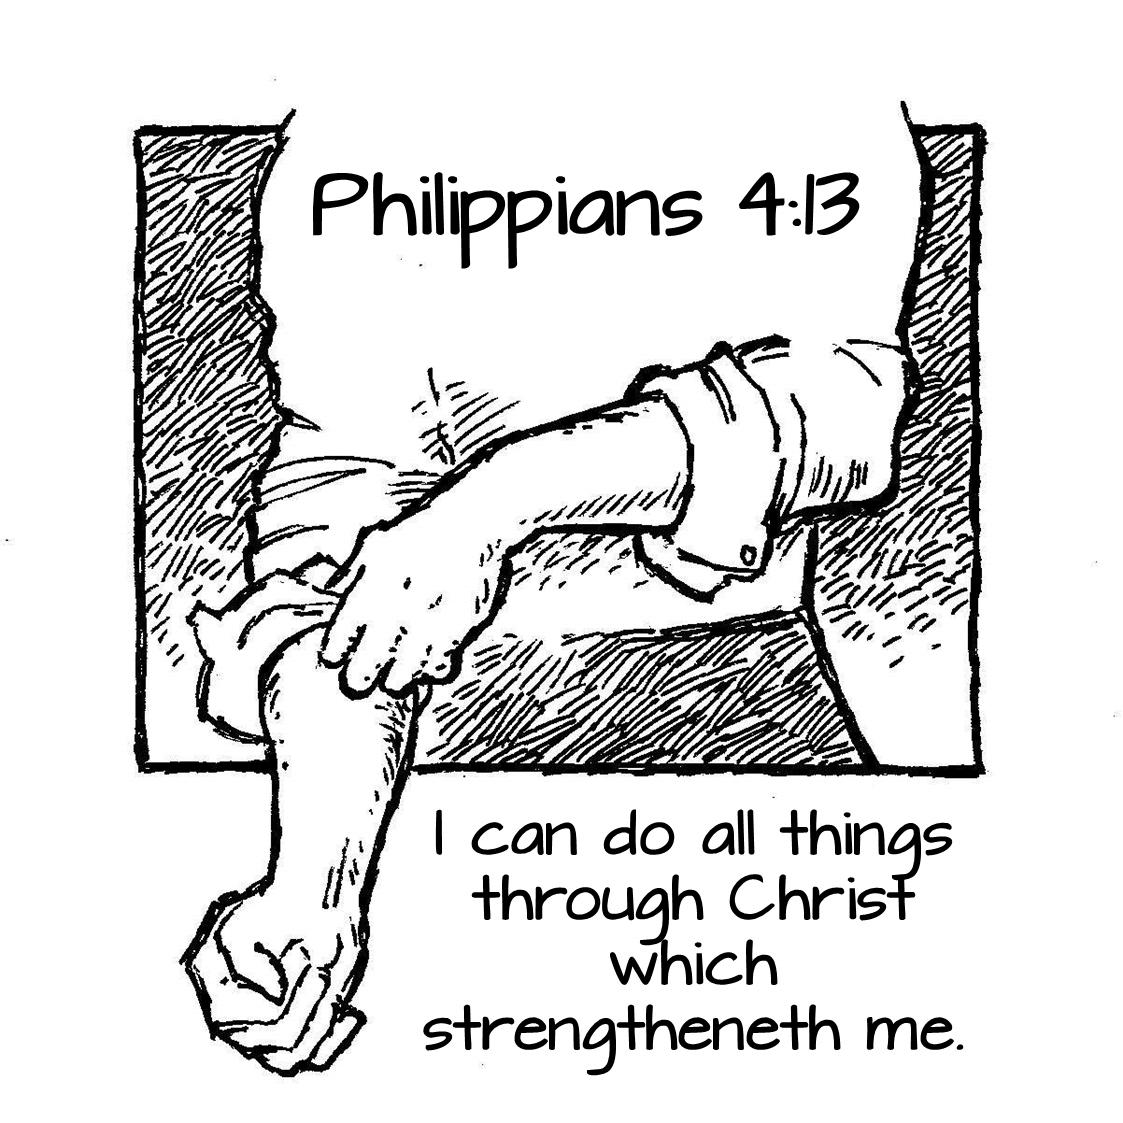 kjv bible verse coloring pages | Philippians 4:13 | Bible coloring pages, Coloring pages, Bible